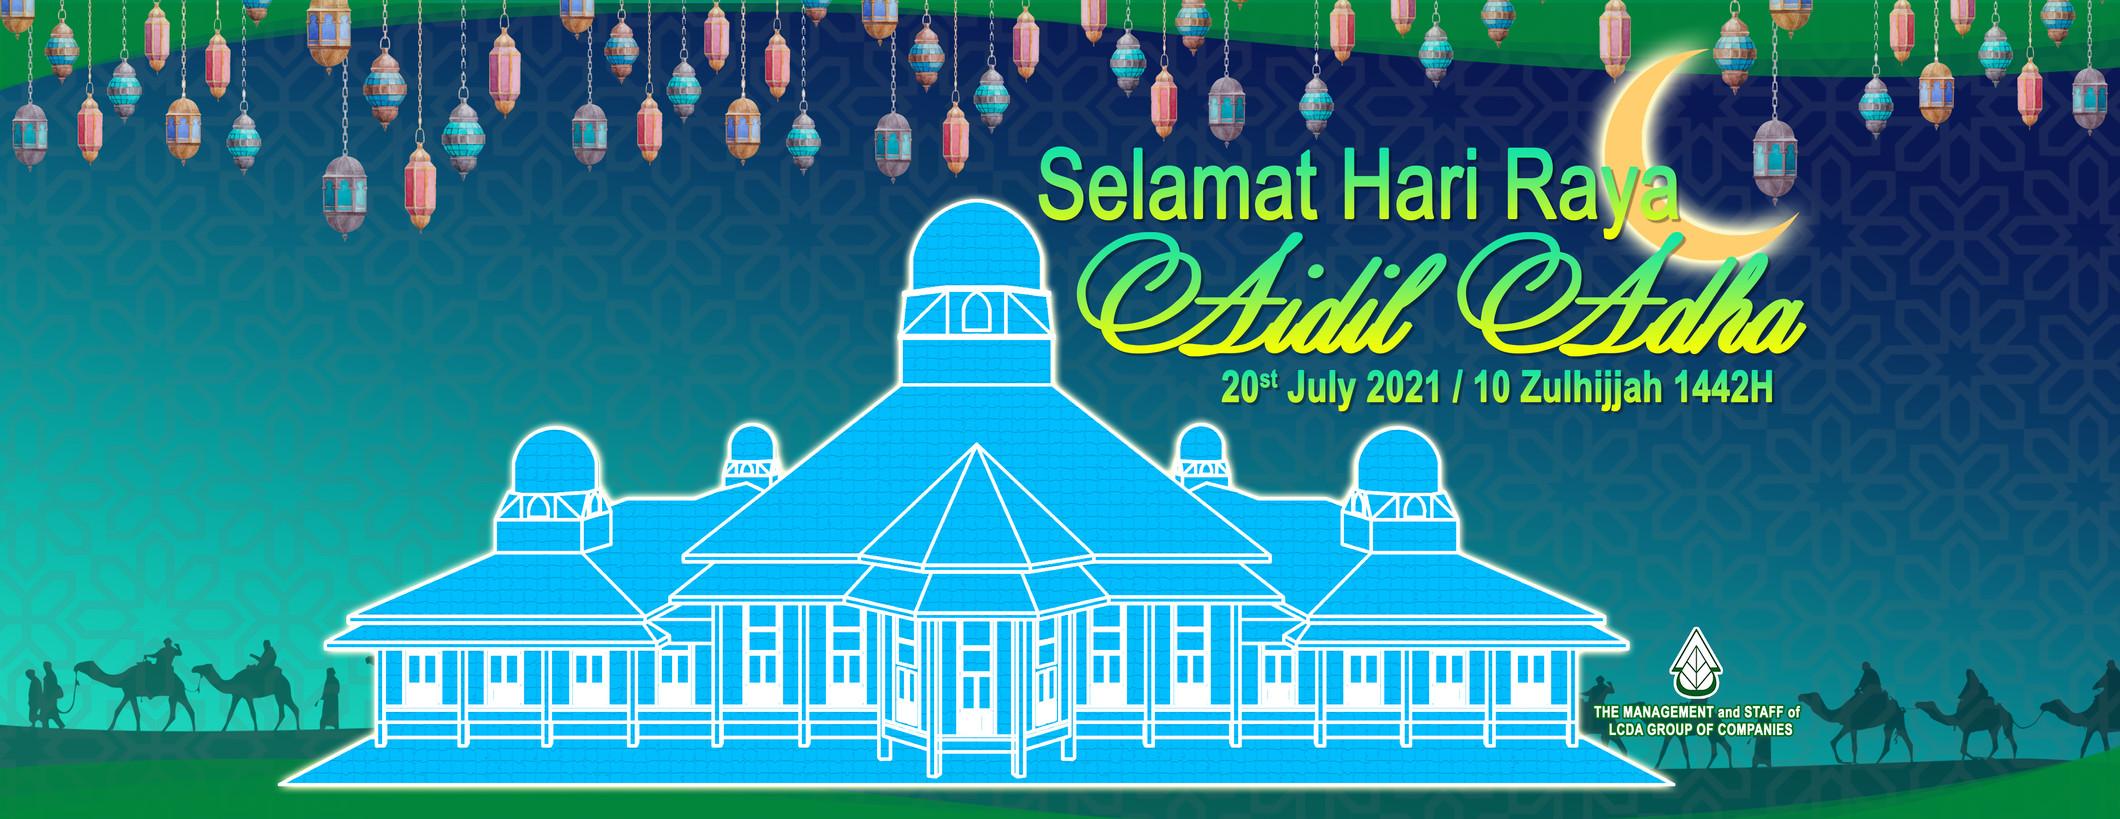 Ver 3 Website Raya Haji 2021.jpg